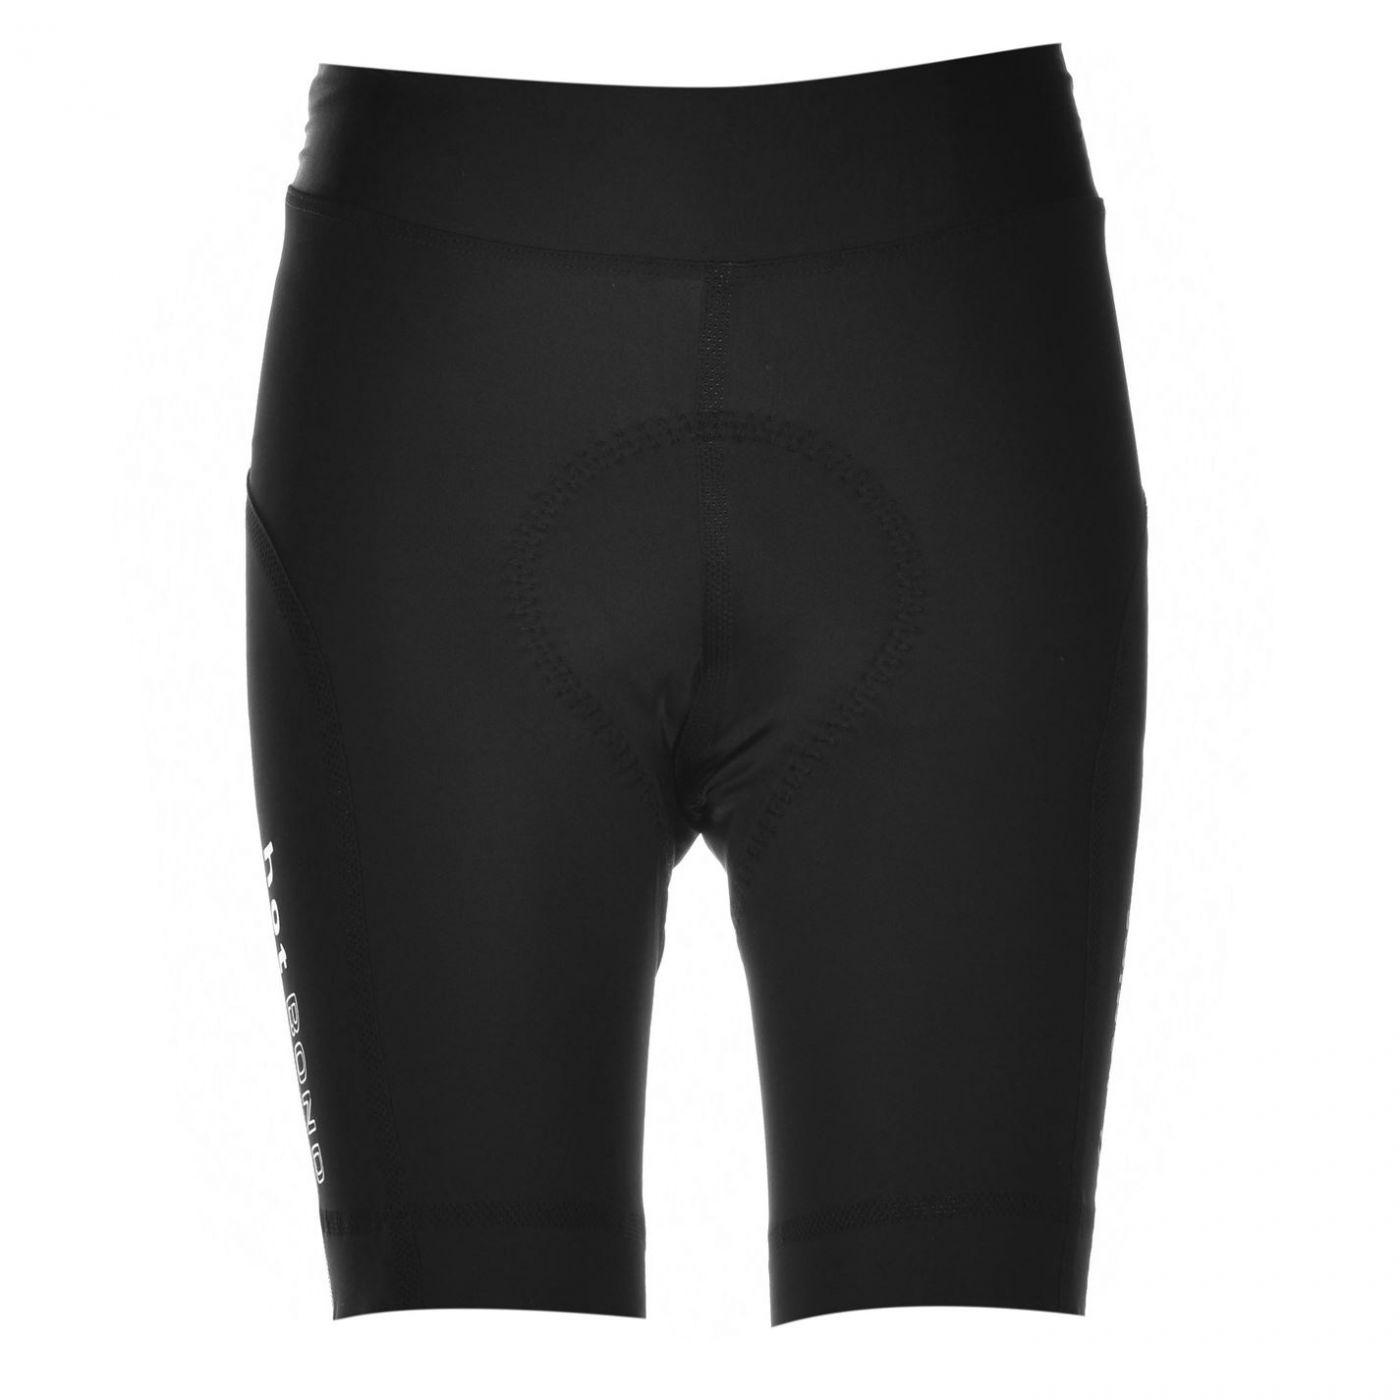 Löffler Hose Ladies Cycling Shorts